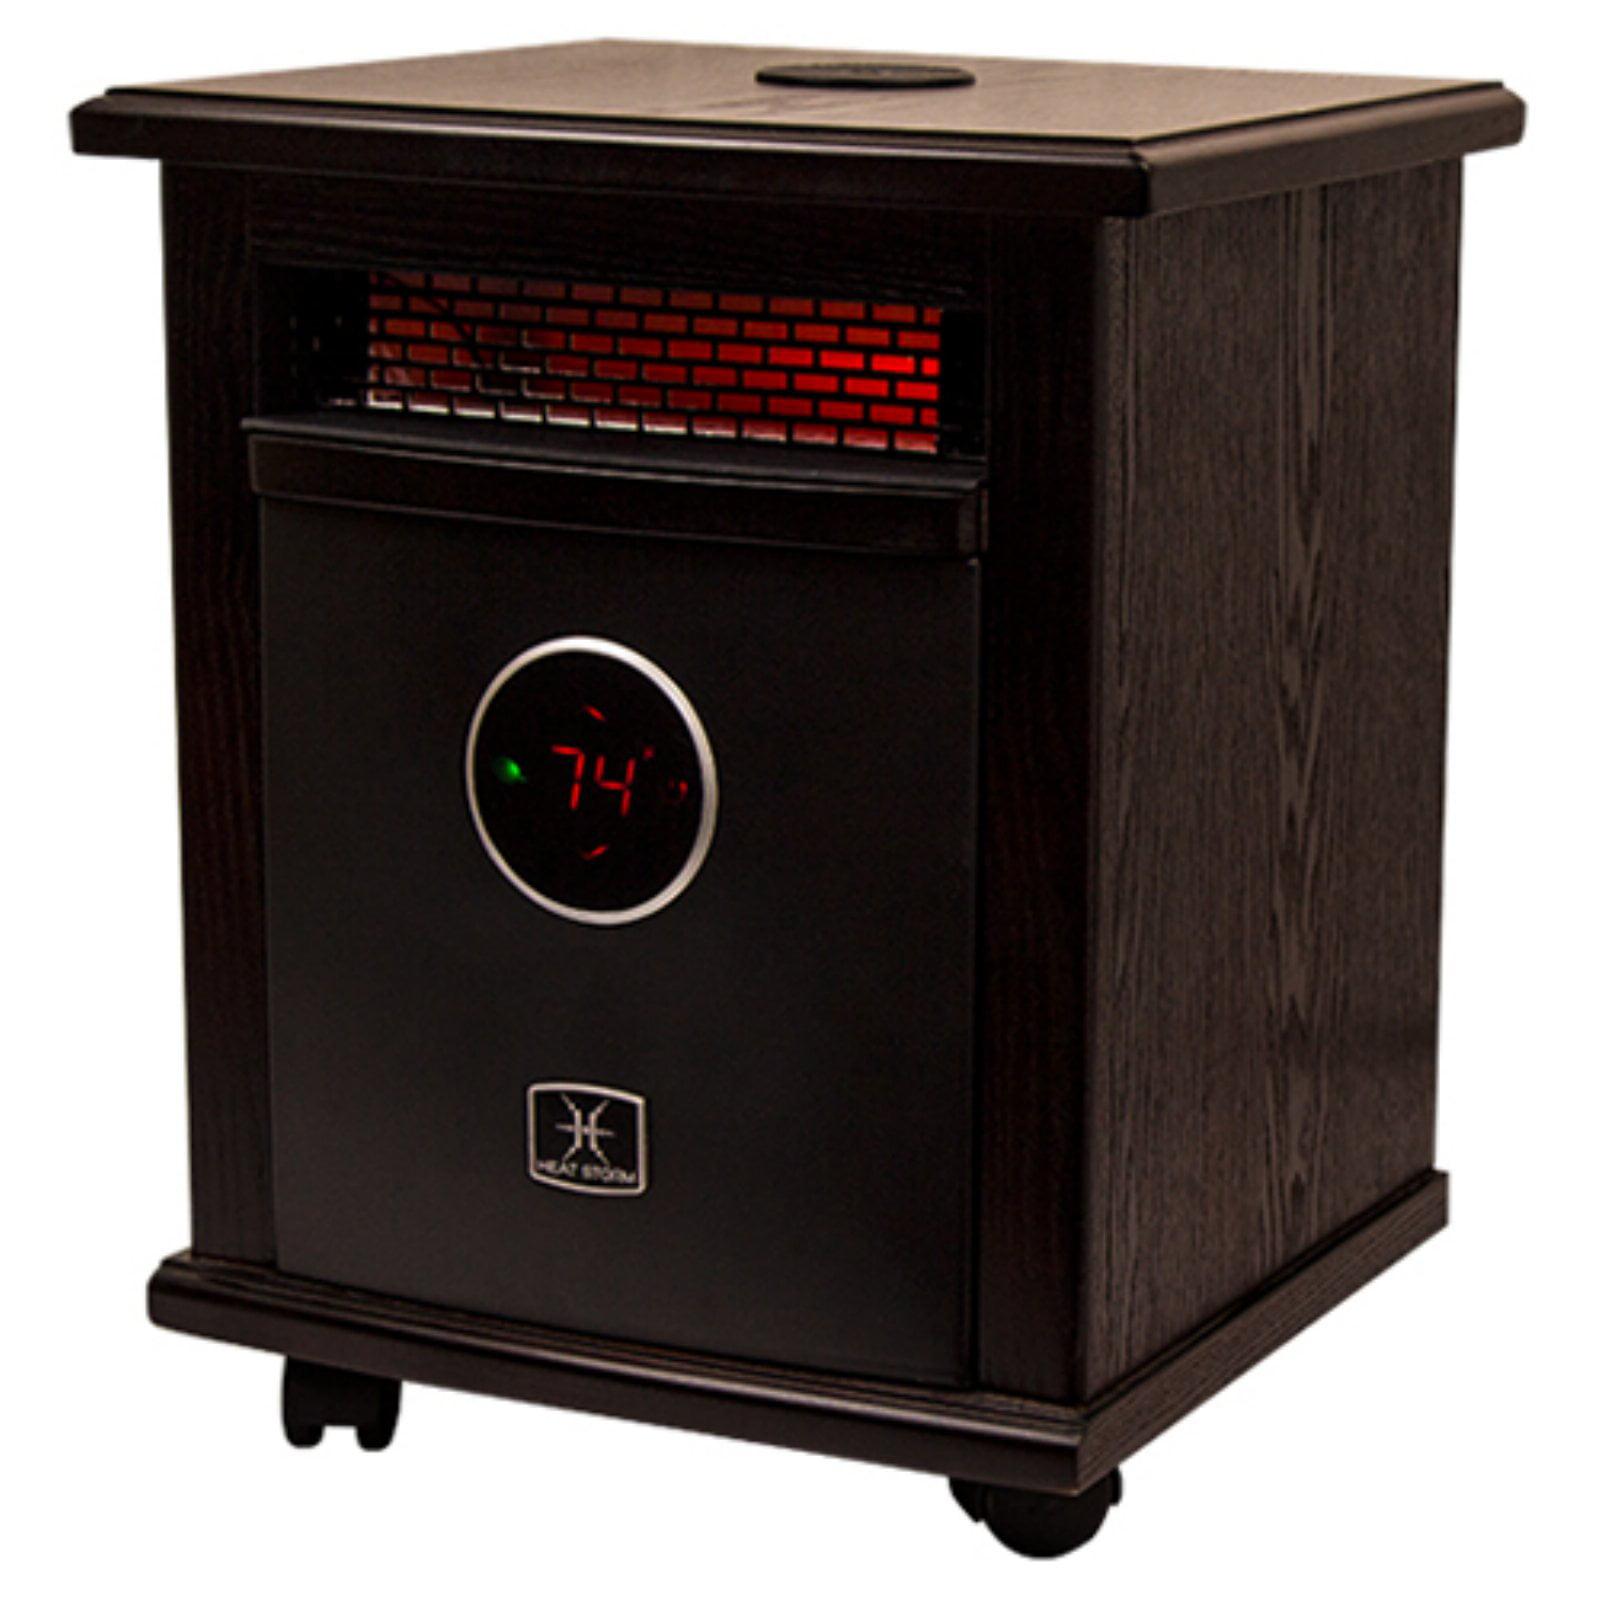 Heatstorm HS-1500-ILODS Logan Deluxe Heater w/Bluetooth